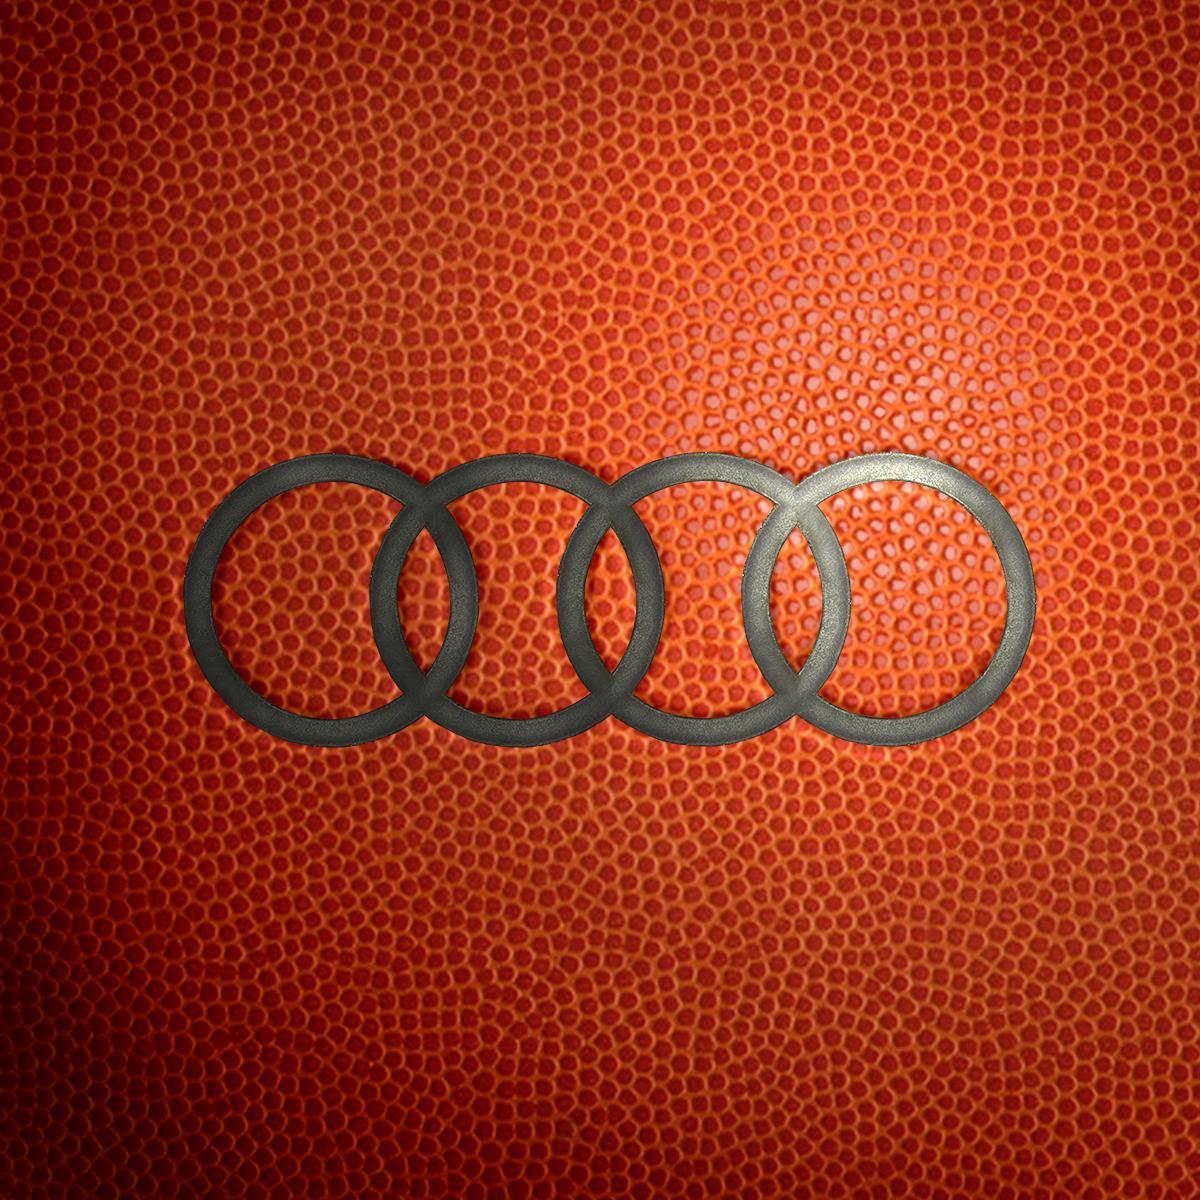 Budete o víkendu sledovat MS v basketbale mužů? Pokud ano, nezapomeňte fandit hvězdě našeho týmu - @satoransky. Držíme palce!